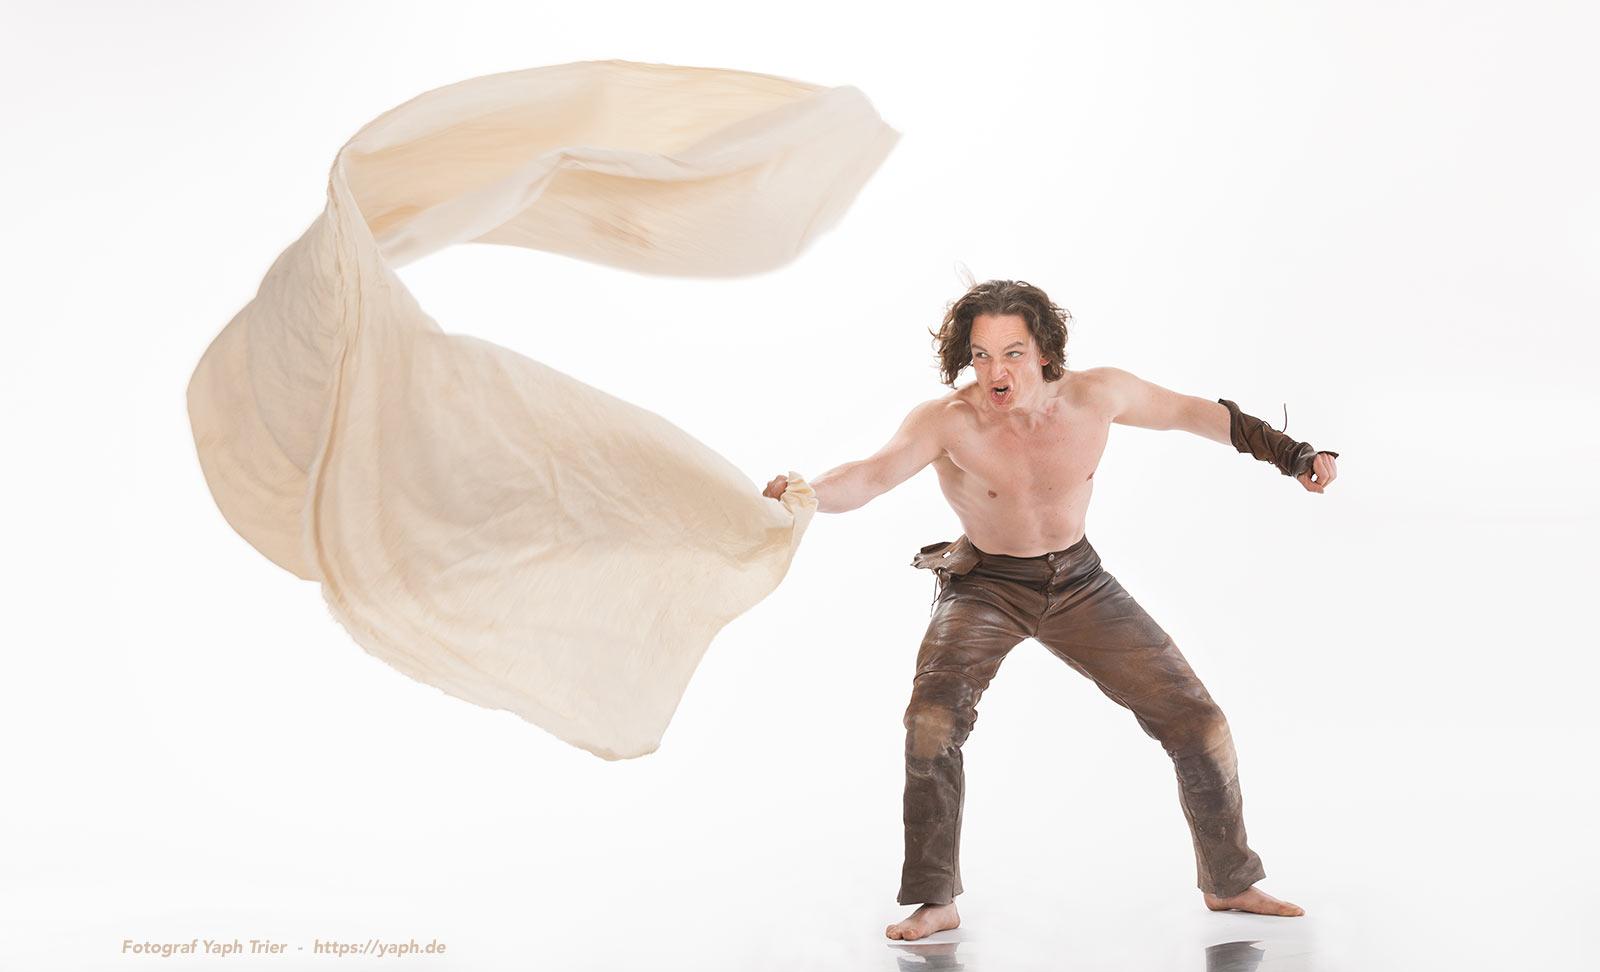 Werbefotografie Gladiator mit Tuch Werbung für Stadt Trier Fotograf Yaph